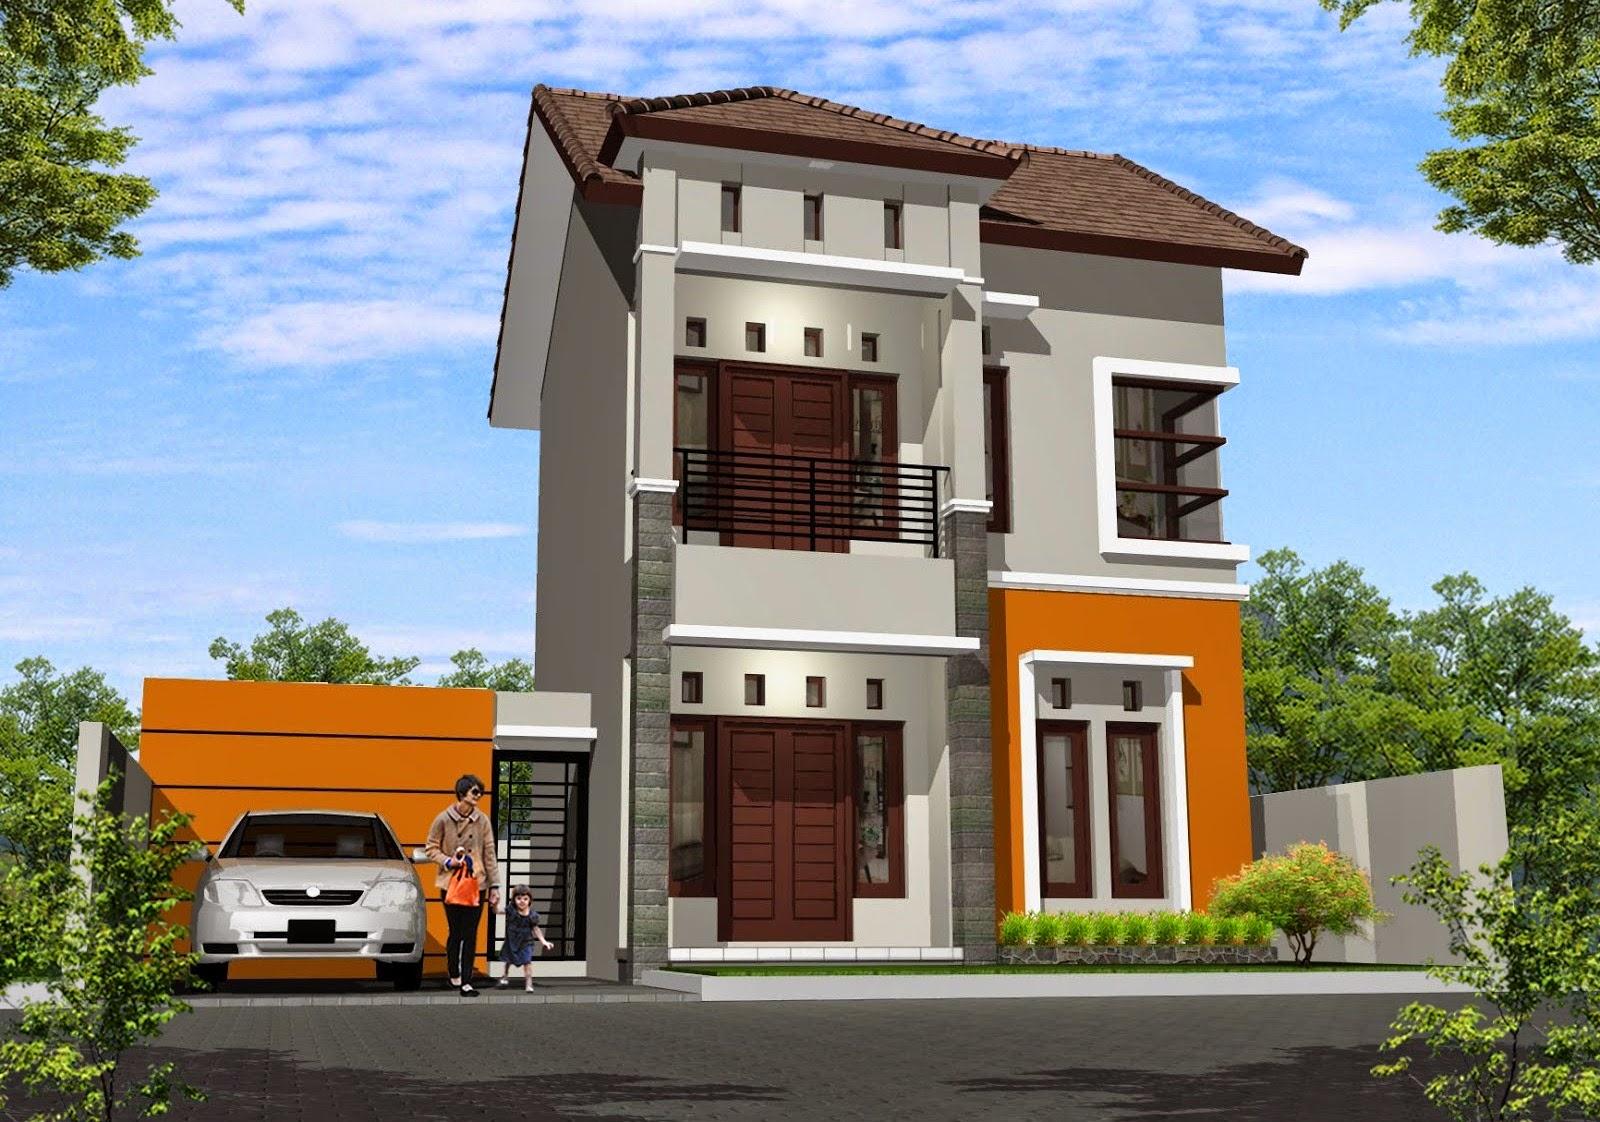 12 Desain Rumah Minimalis 2 Lantai Type 45 Paling Diminati